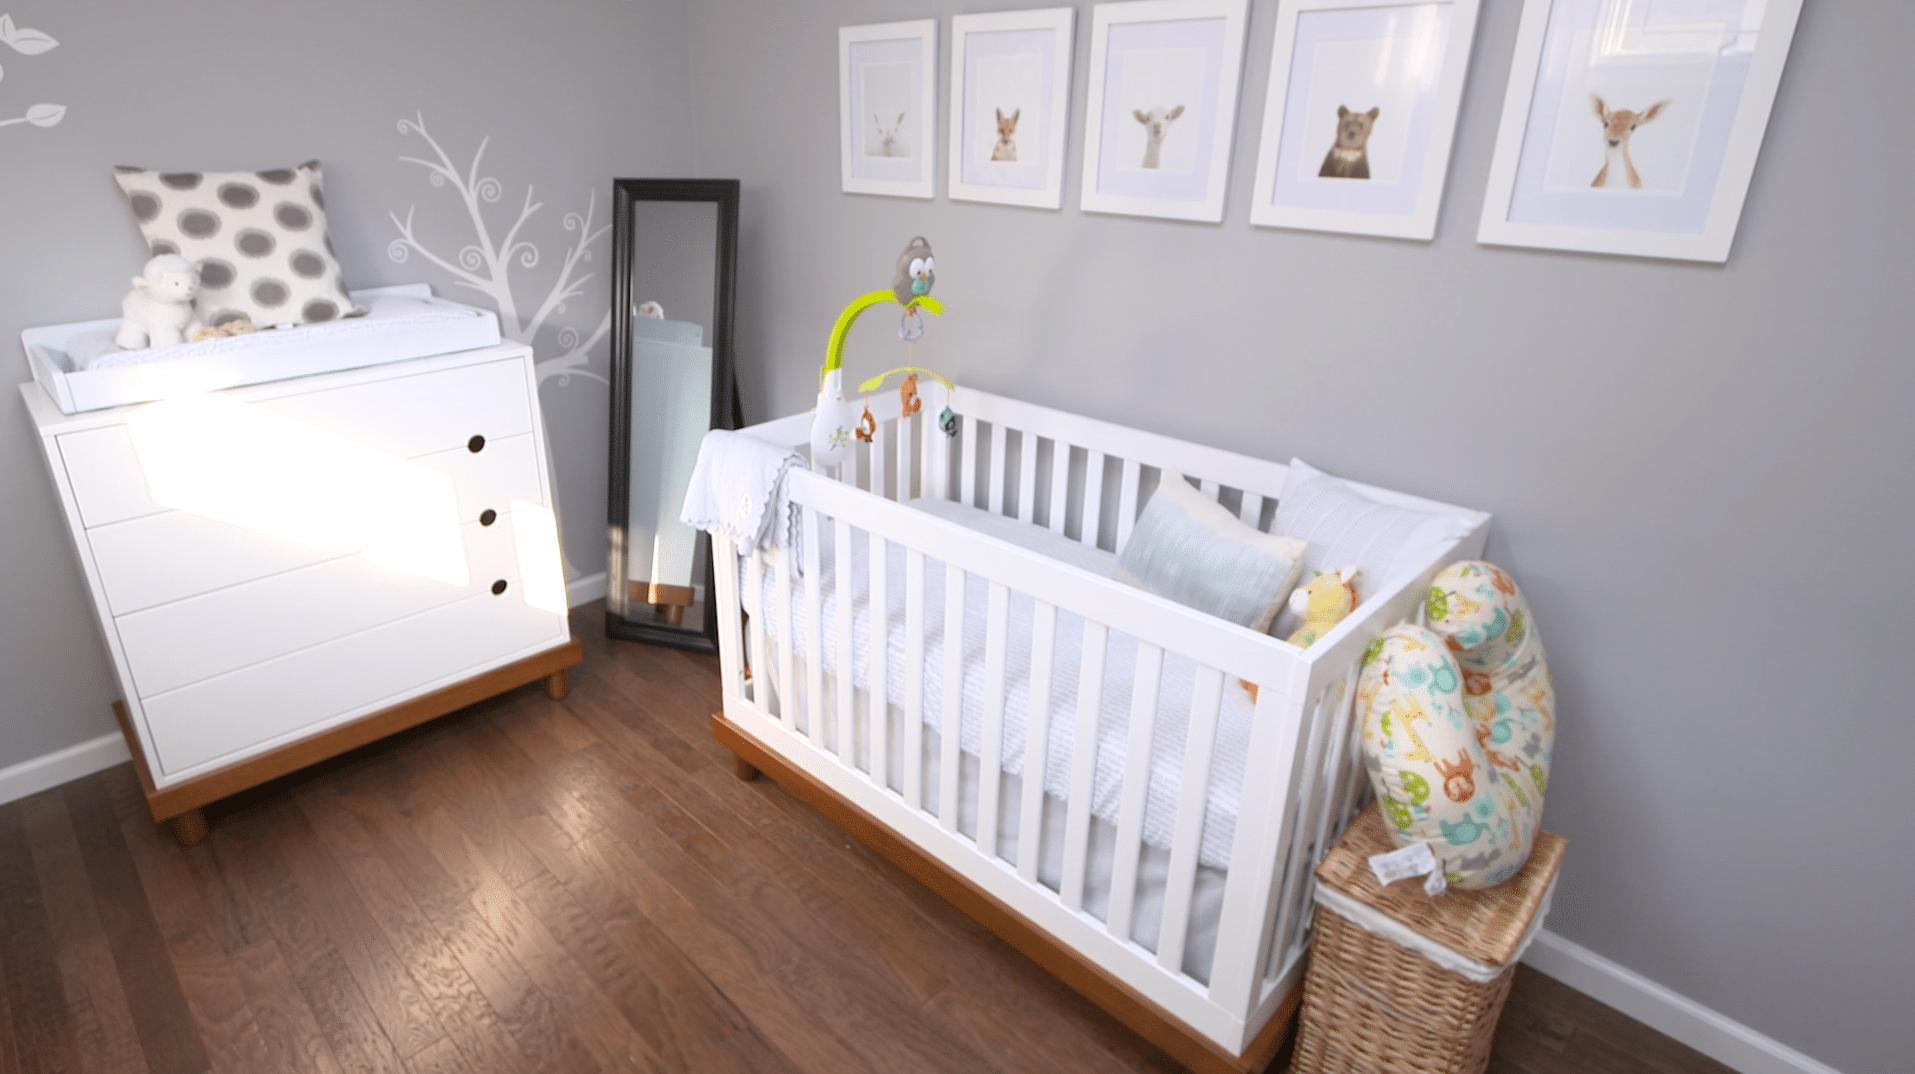 Galer a para decoraci n habitaci n de beb m s de 40 - Decoracion bebes habitacion ...